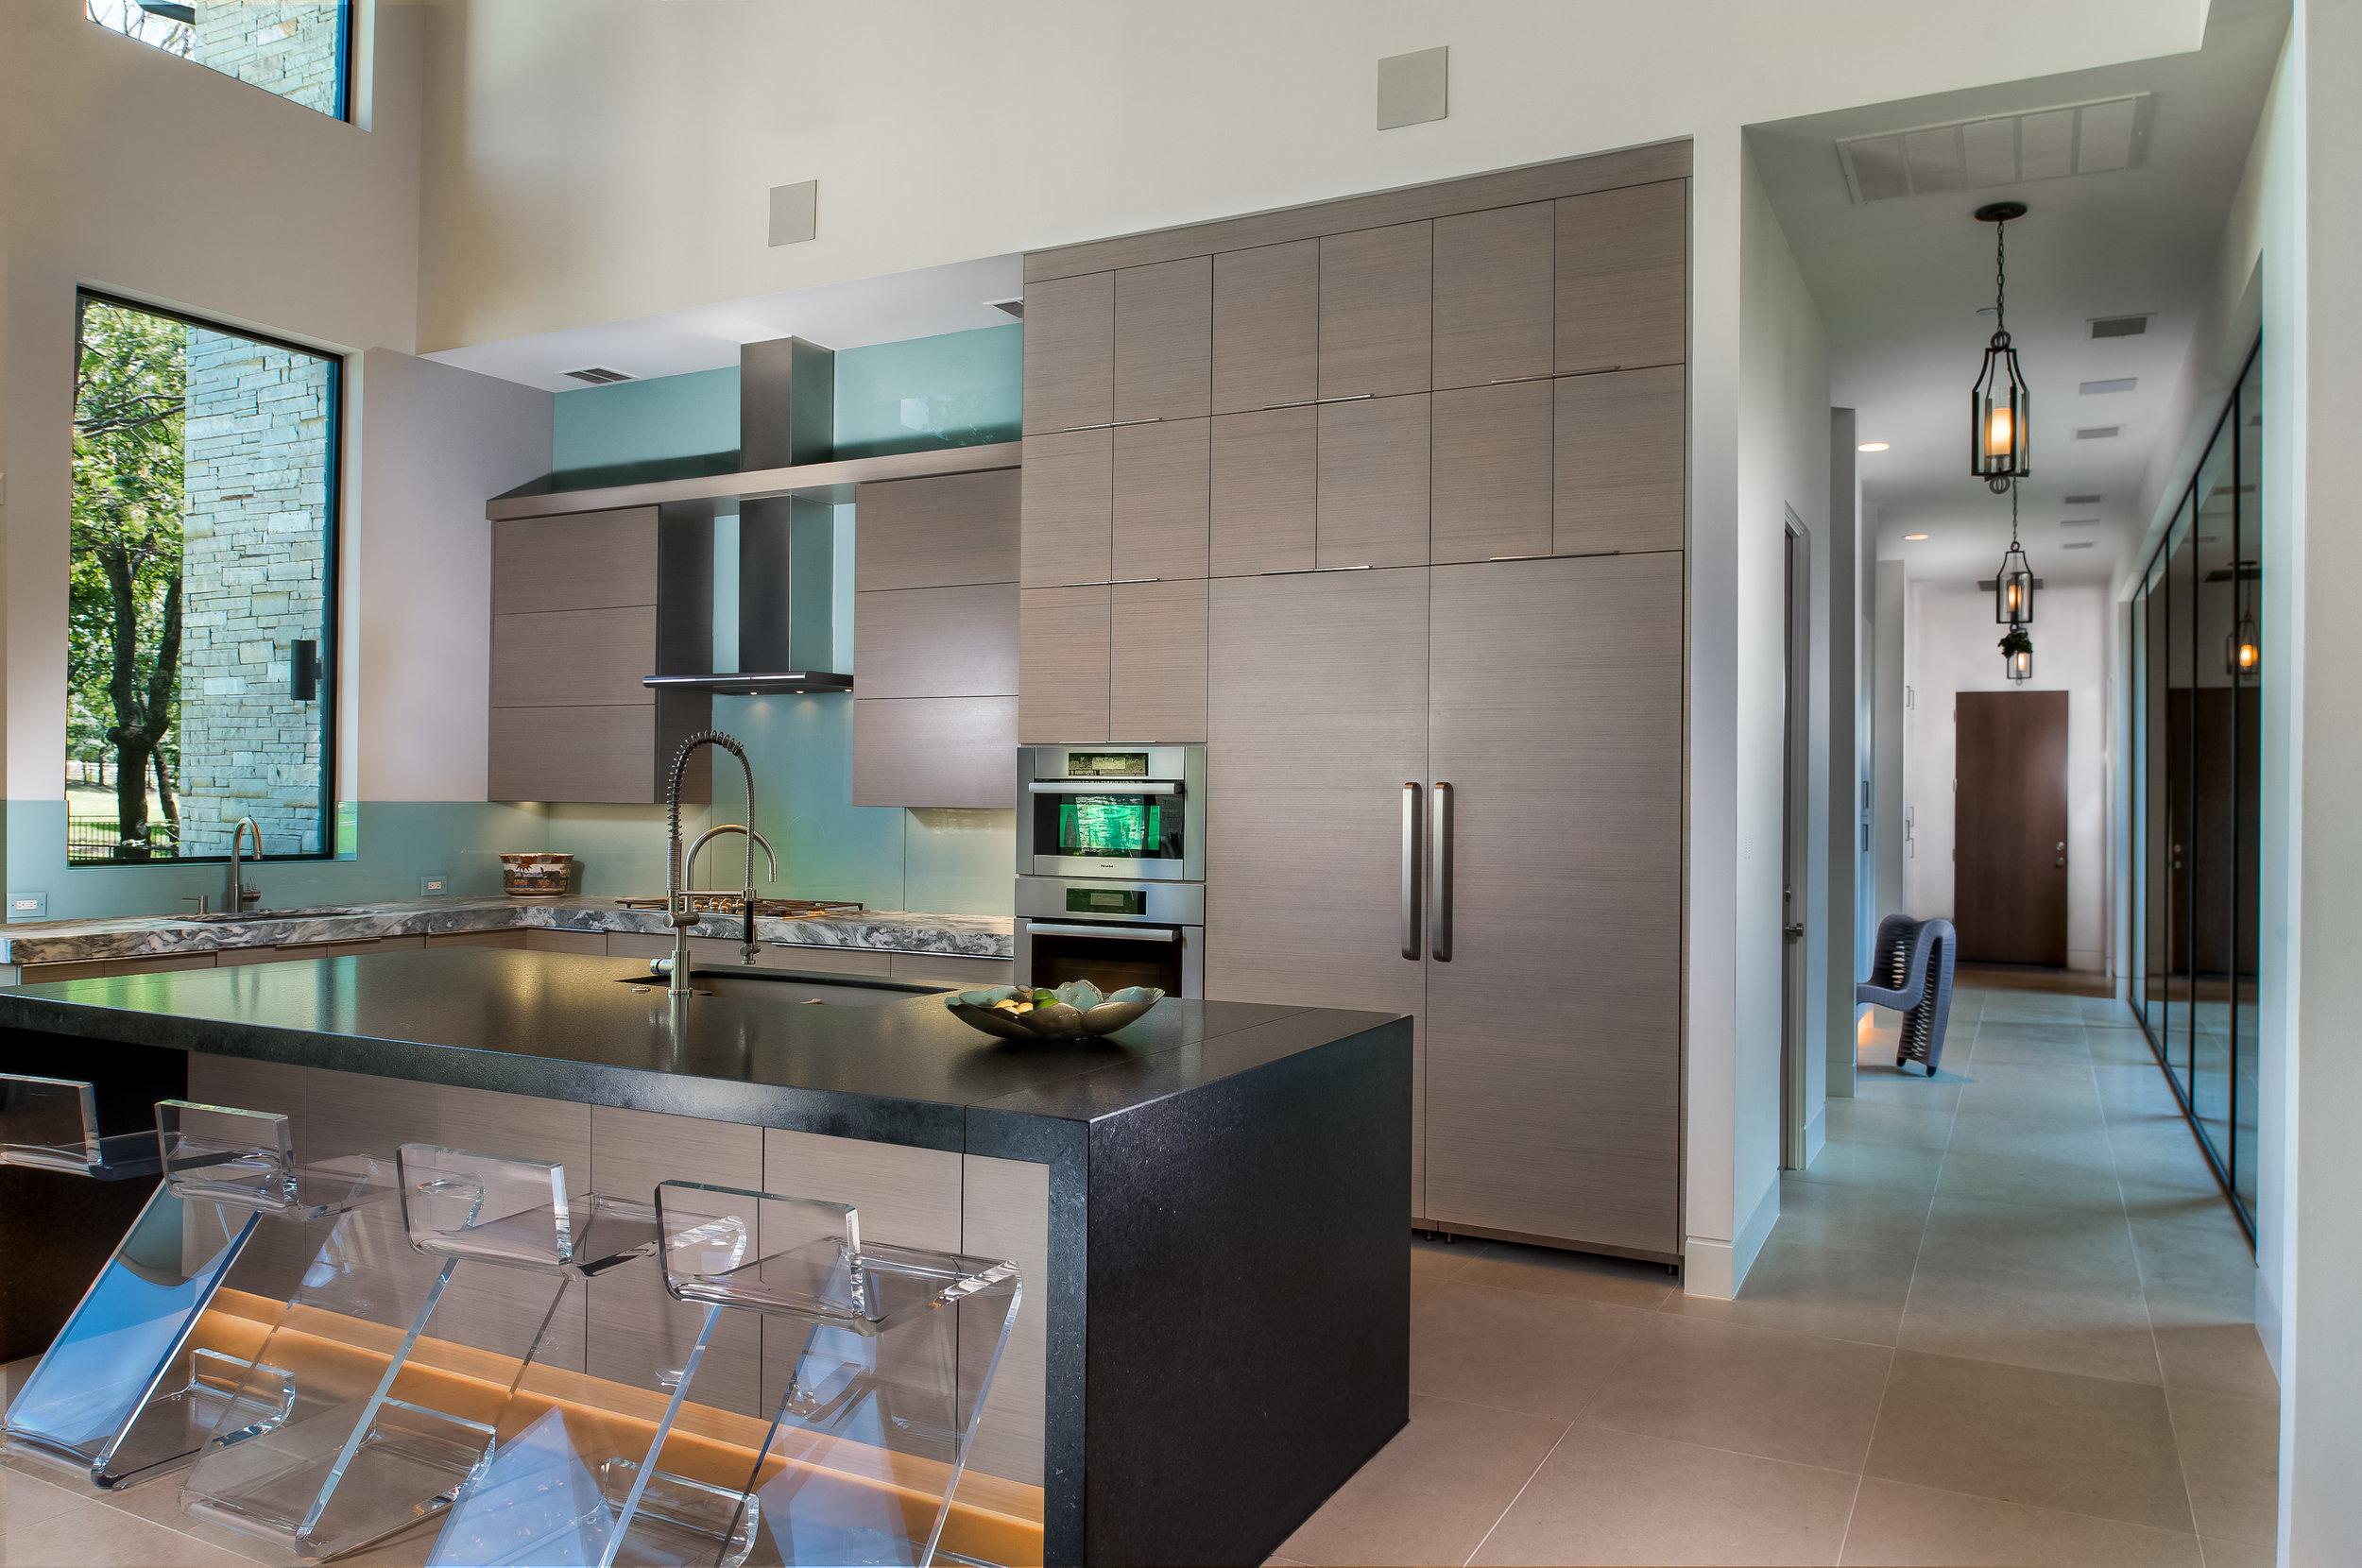 kitchen2_TJM5767-1.jpg